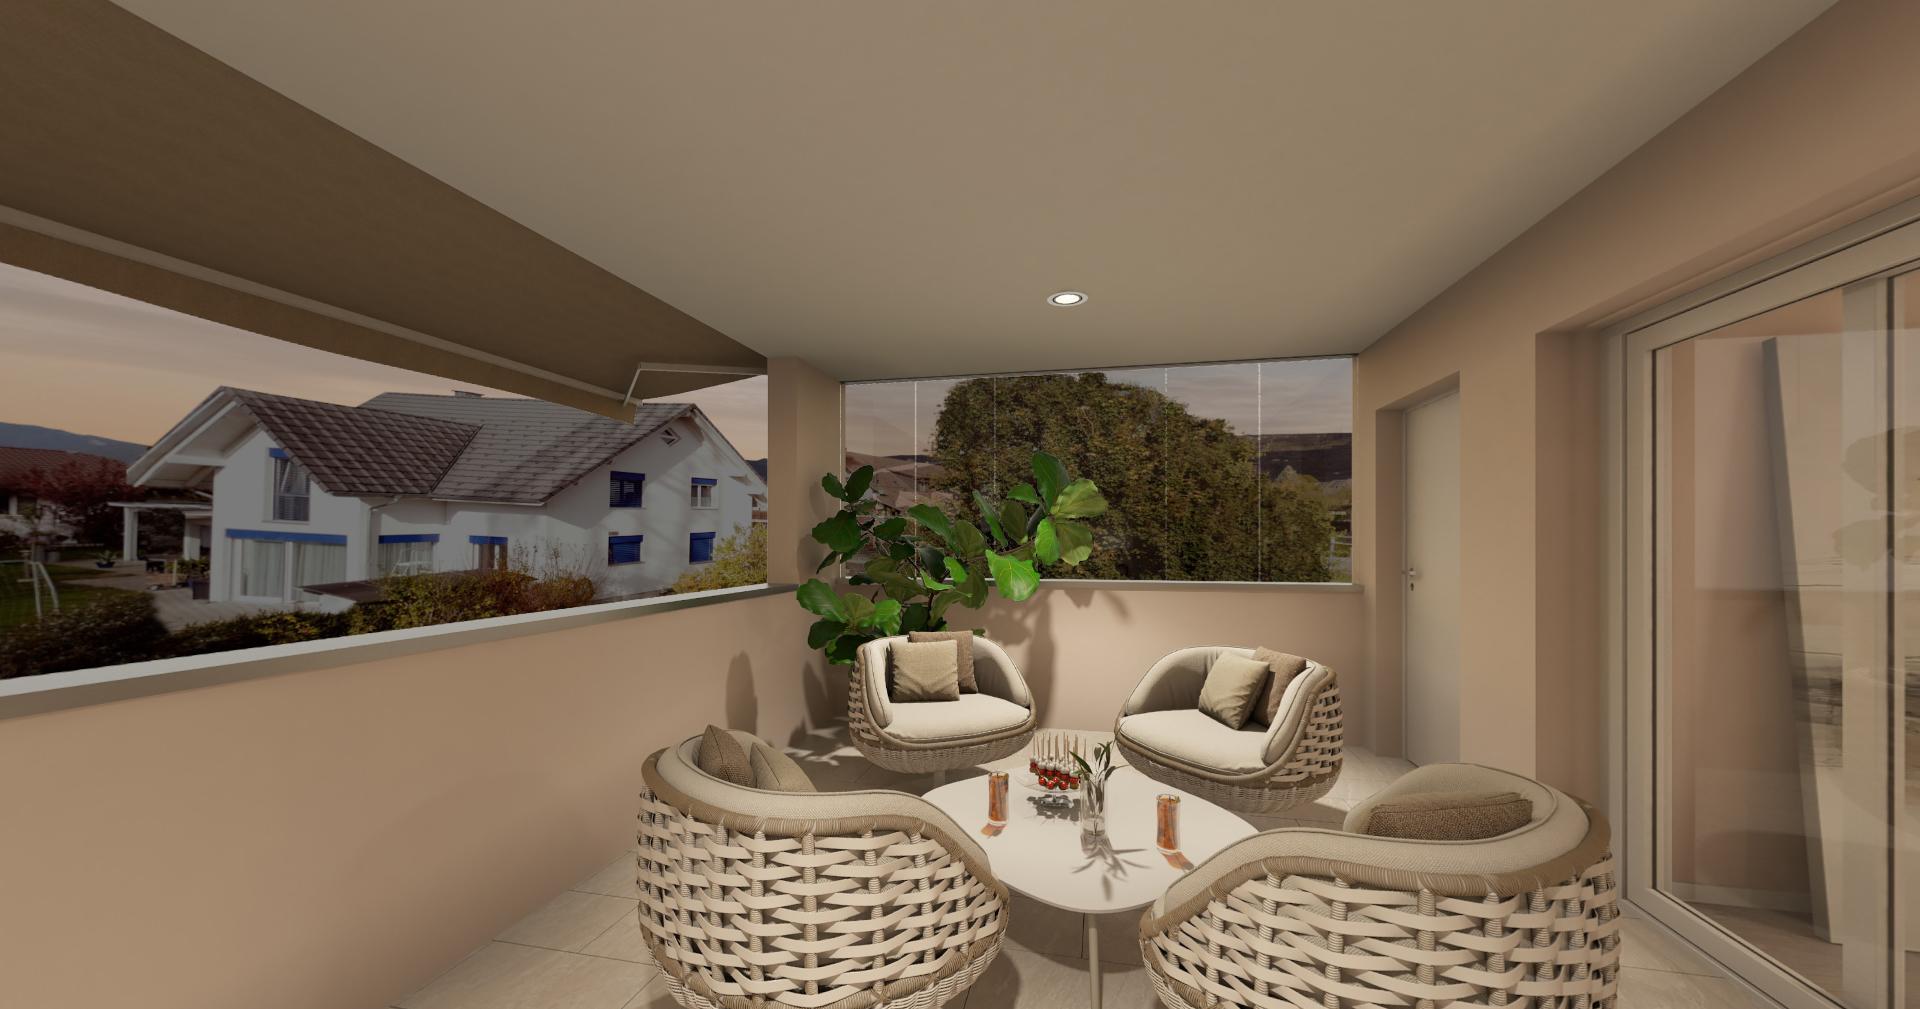 westfield_mehrfamilienhaus_haerkingen_balkon_4.5_zimmer_wohnung_5.jpg